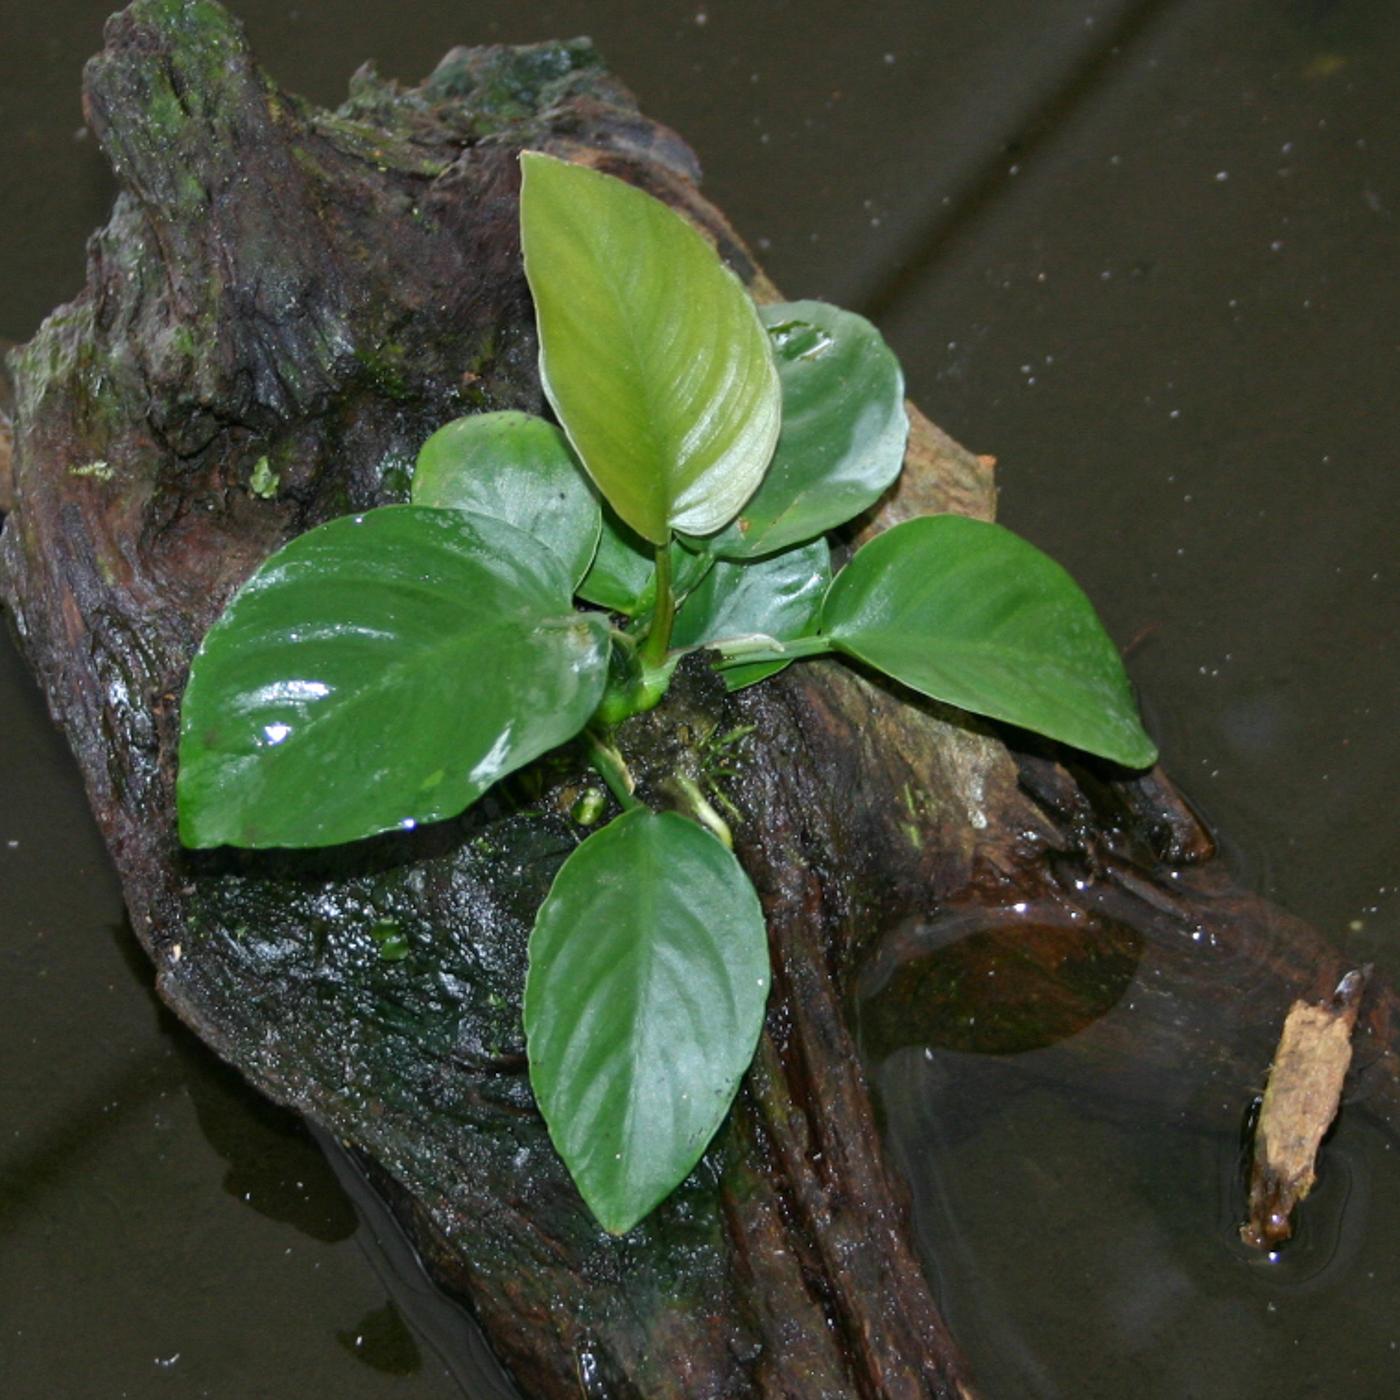 anubias barteri broad on wood.jpg